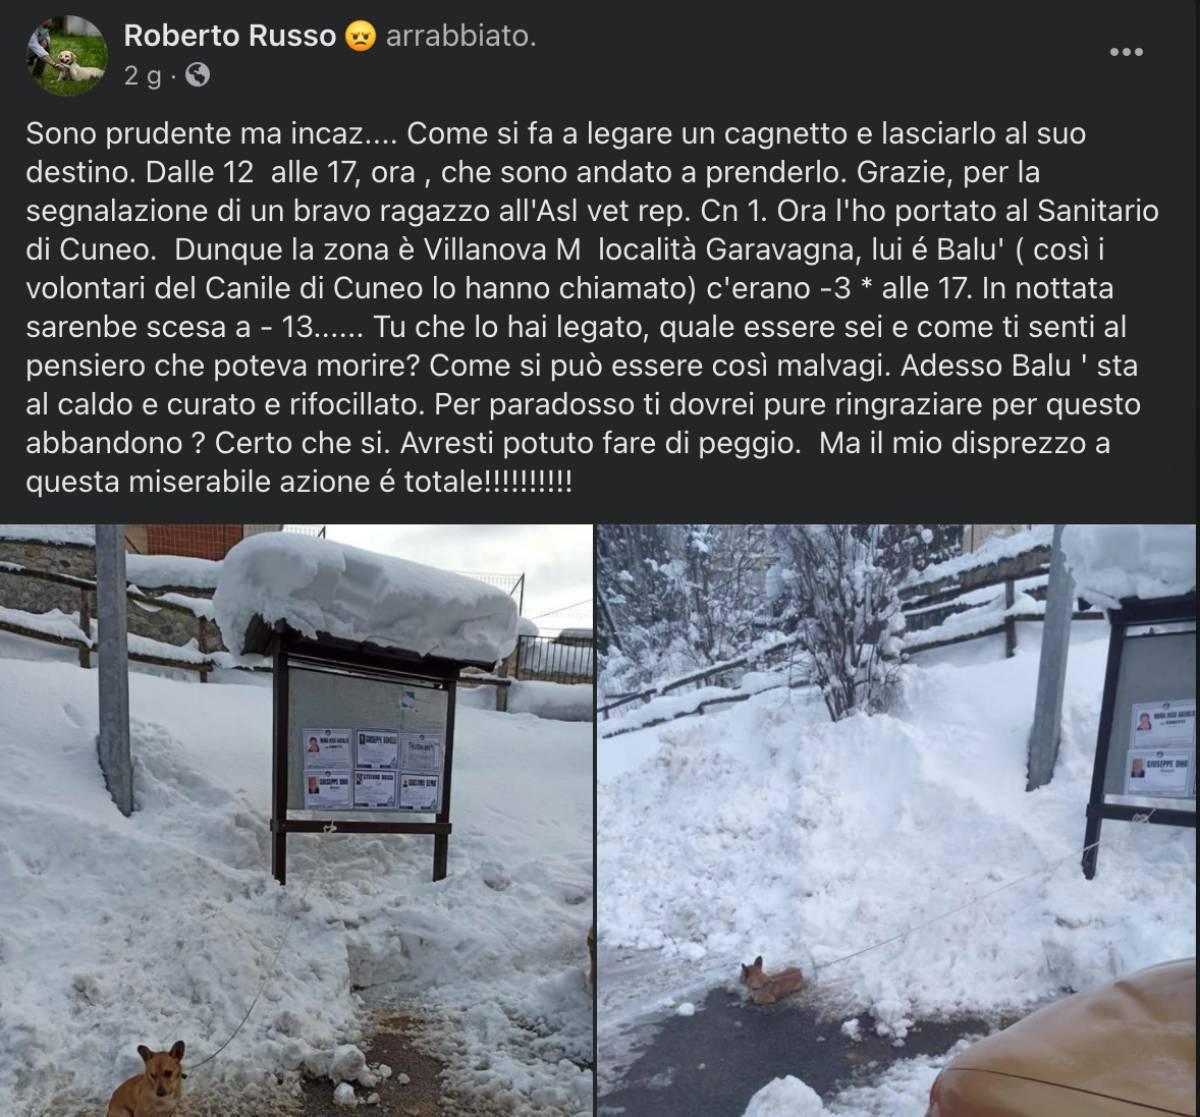 Cucciolo minuscolo simil chihuahua abbandonato legato nella neve a -3° ma un passante si è accorto di lui